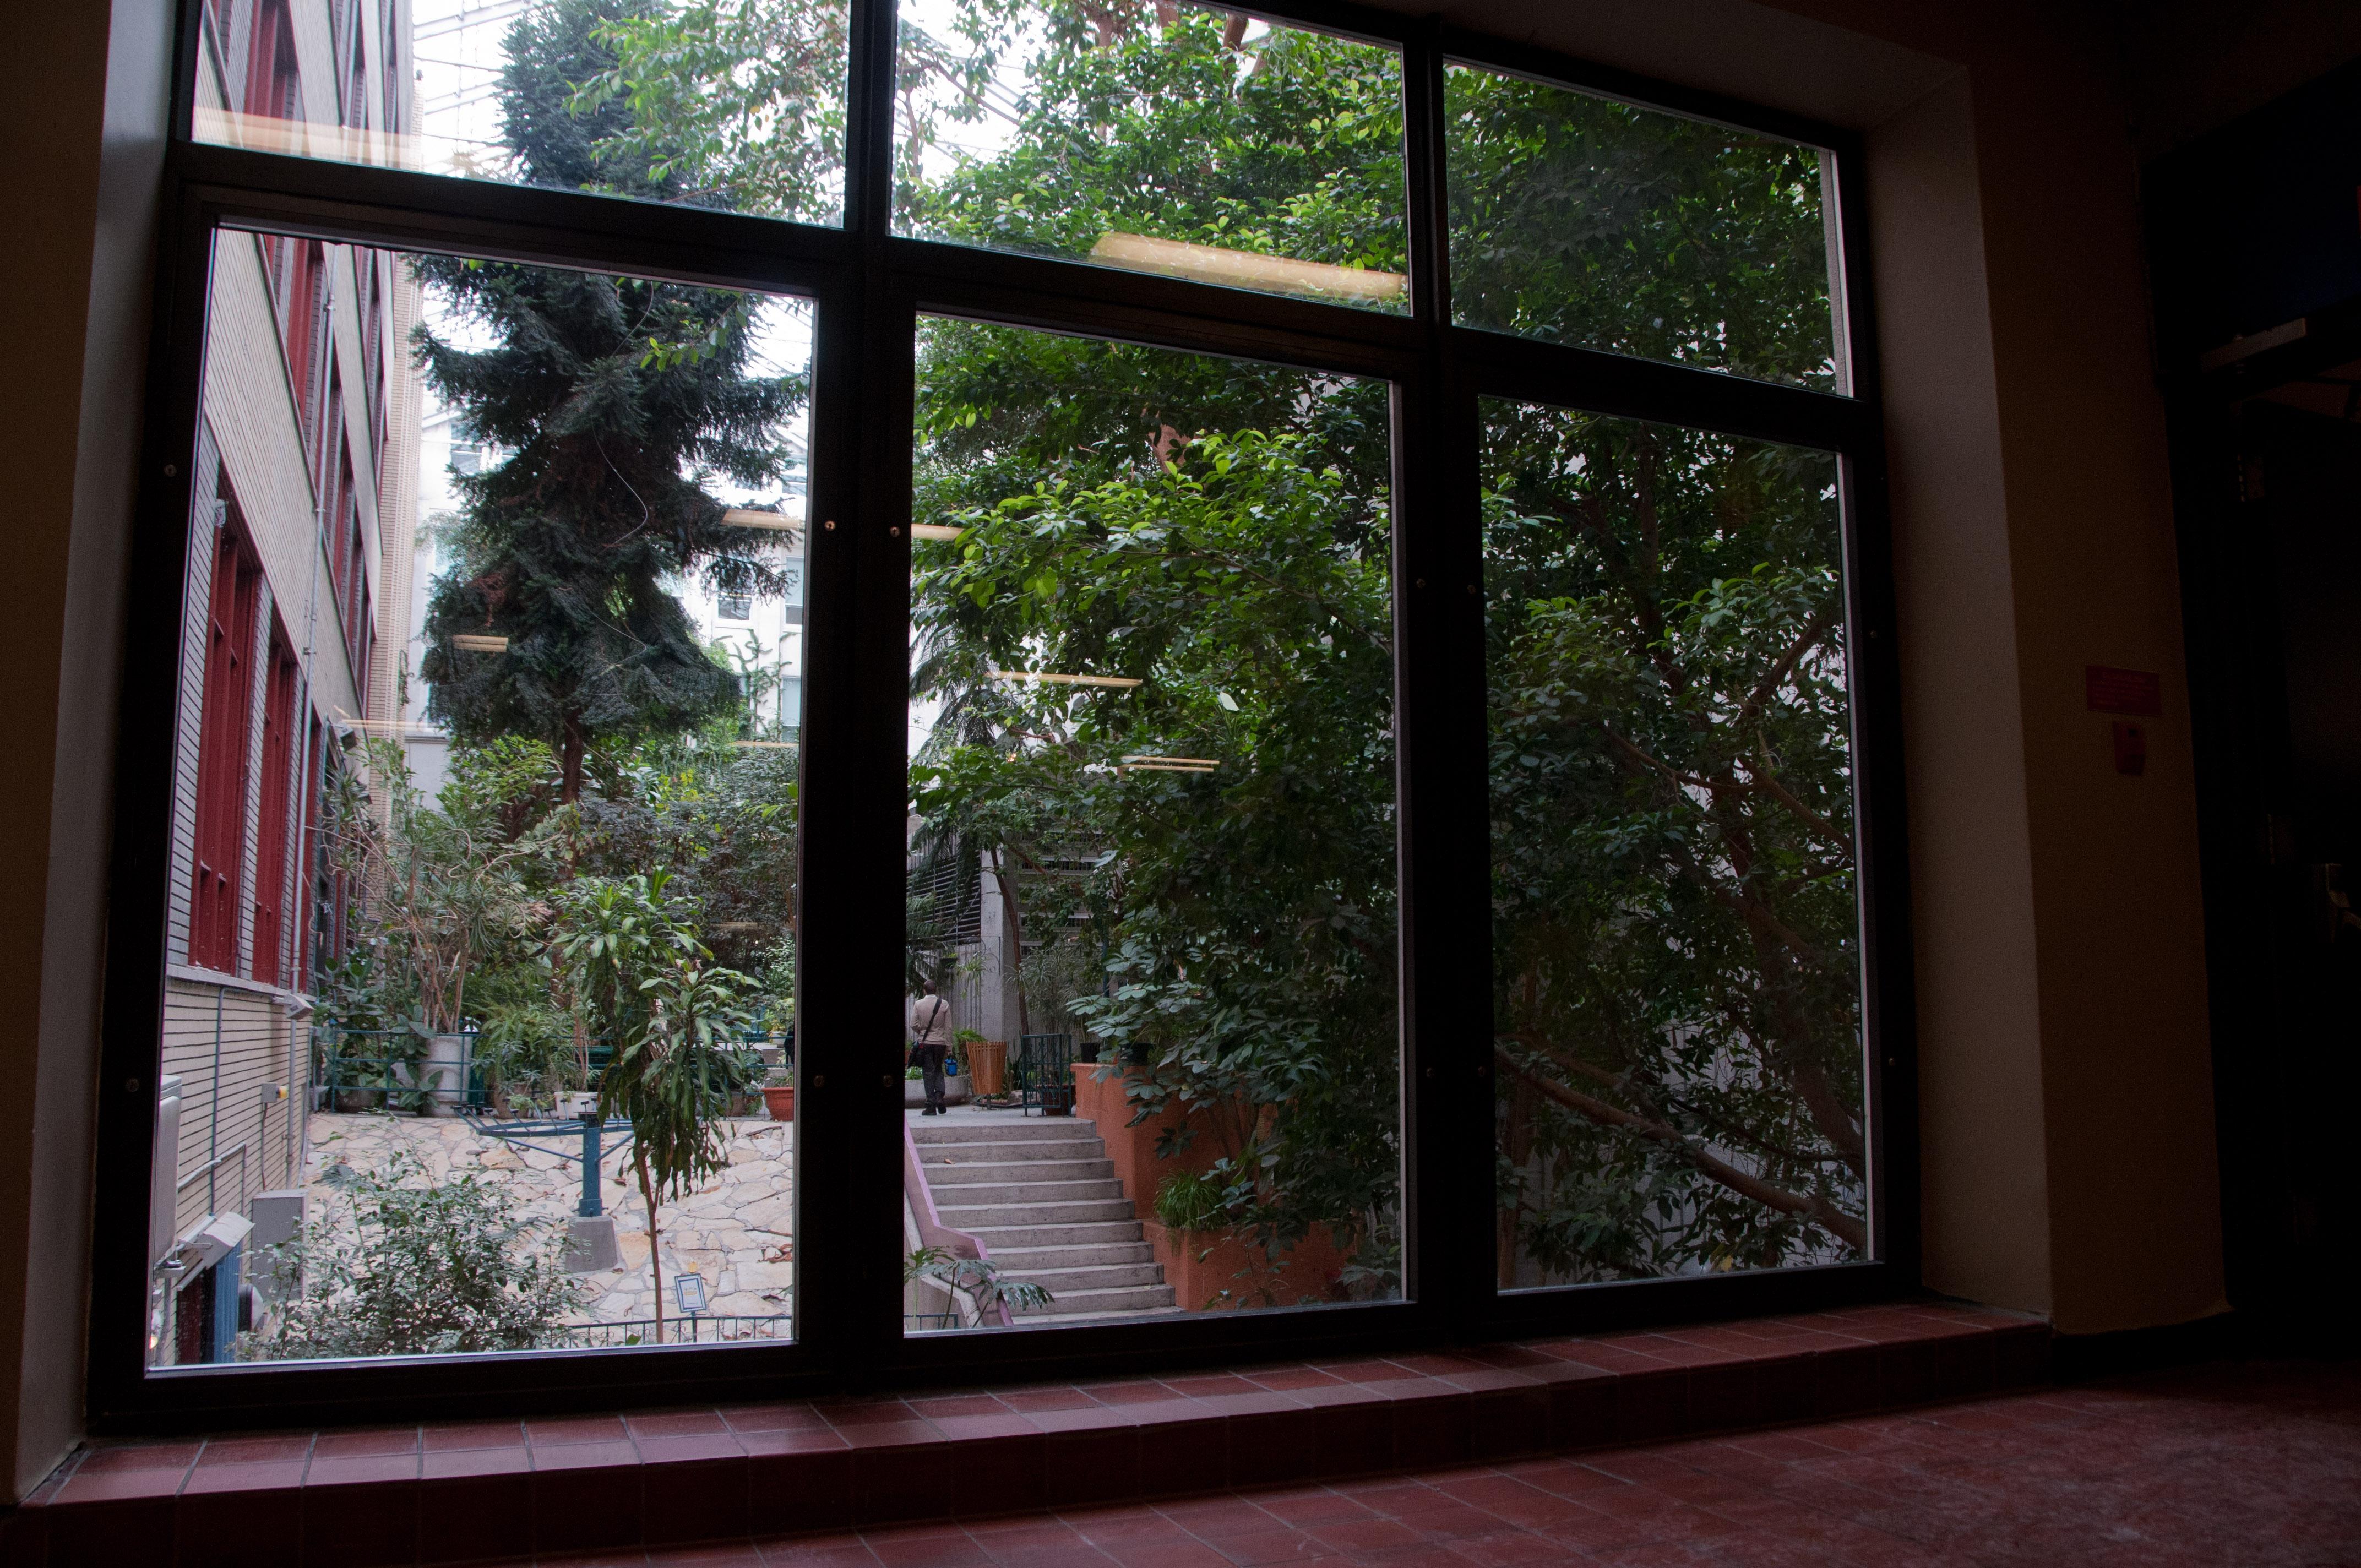 jardin int rieur coll ge de maisonneuve. Black Bedroom Furniture Sets. Home Design Ideas